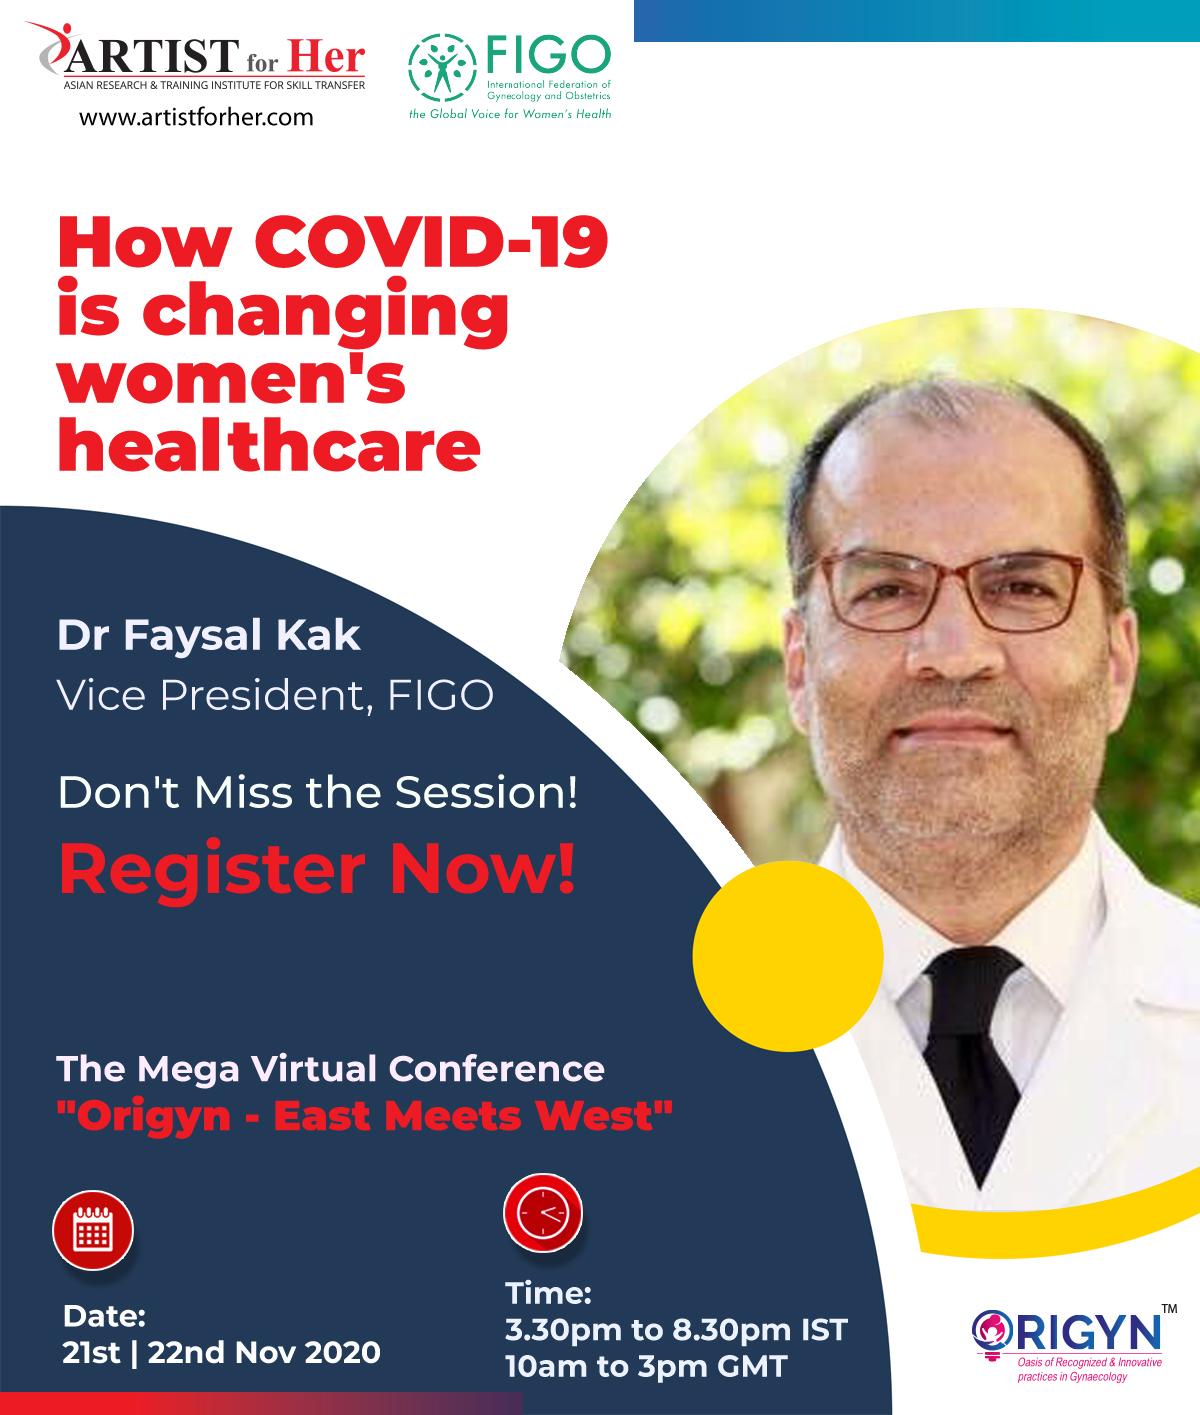 Dr Faysal Kak